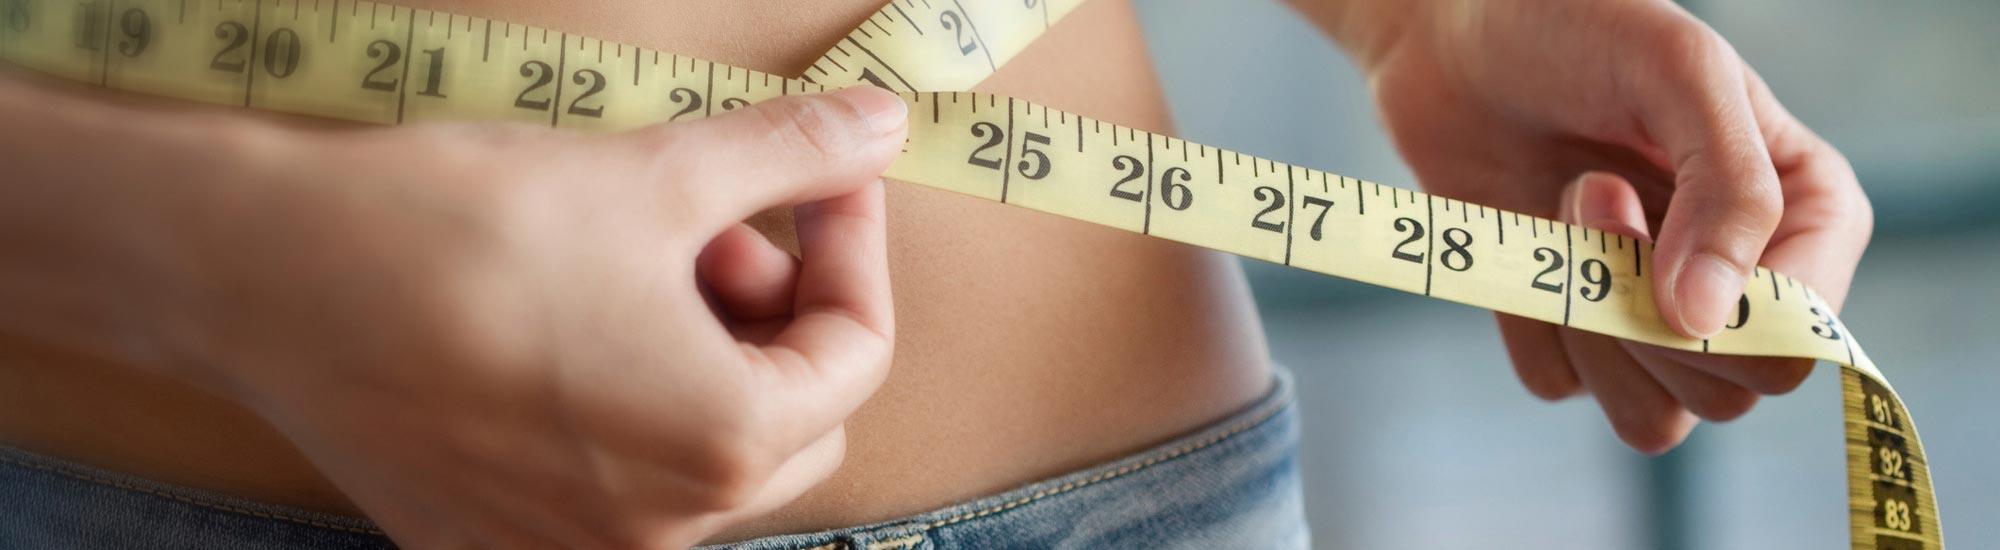 Fett absaugen